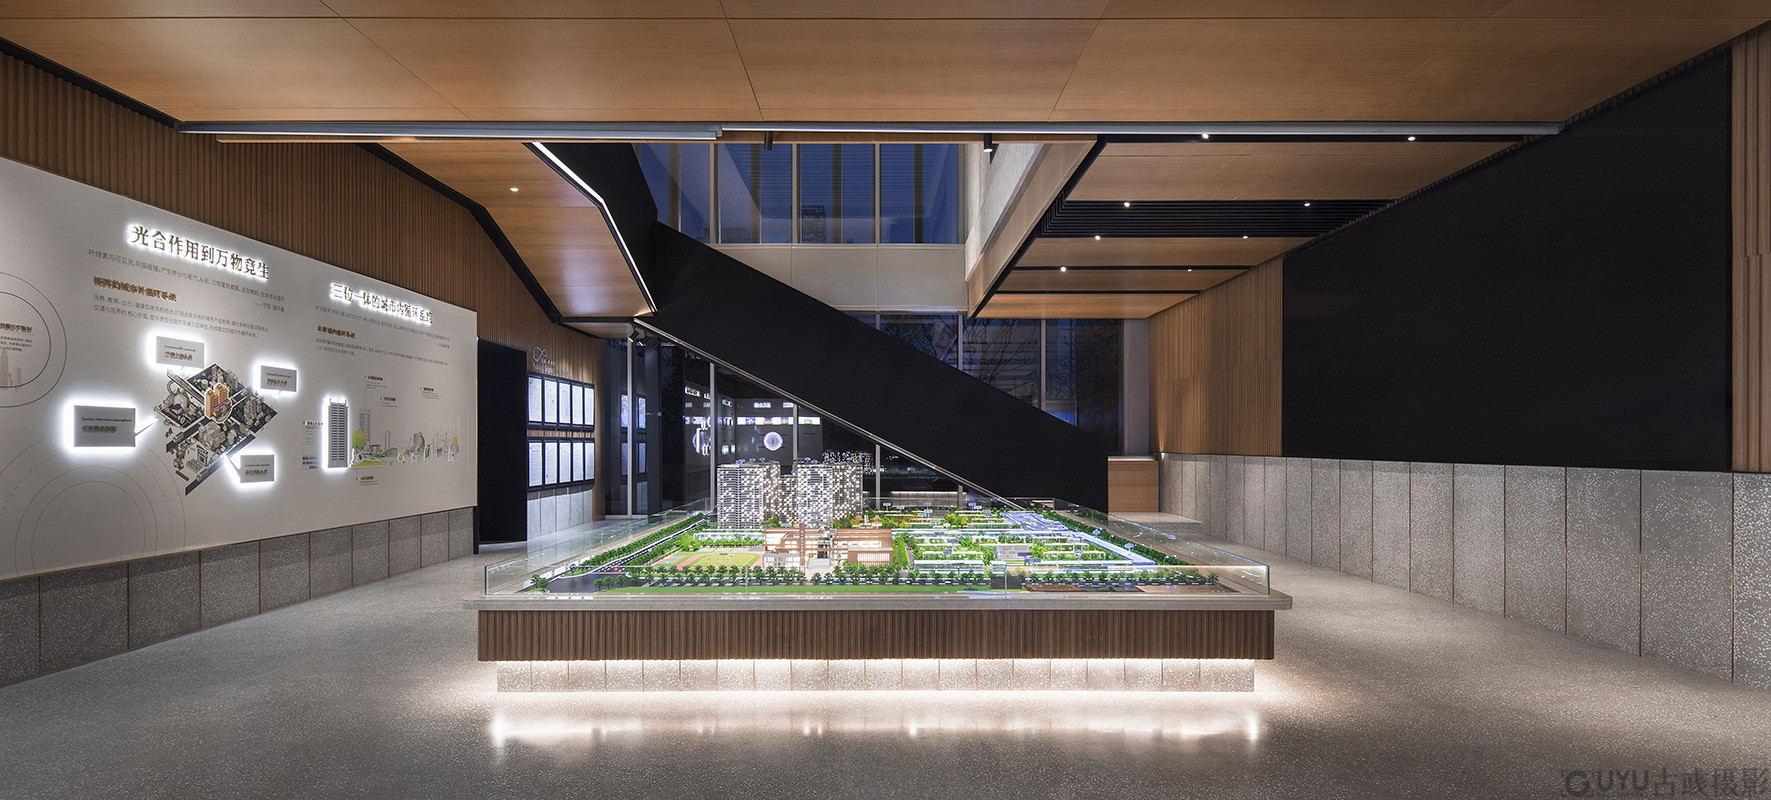 万科未来城售楼处拍摄-南京-古彧摄影公司